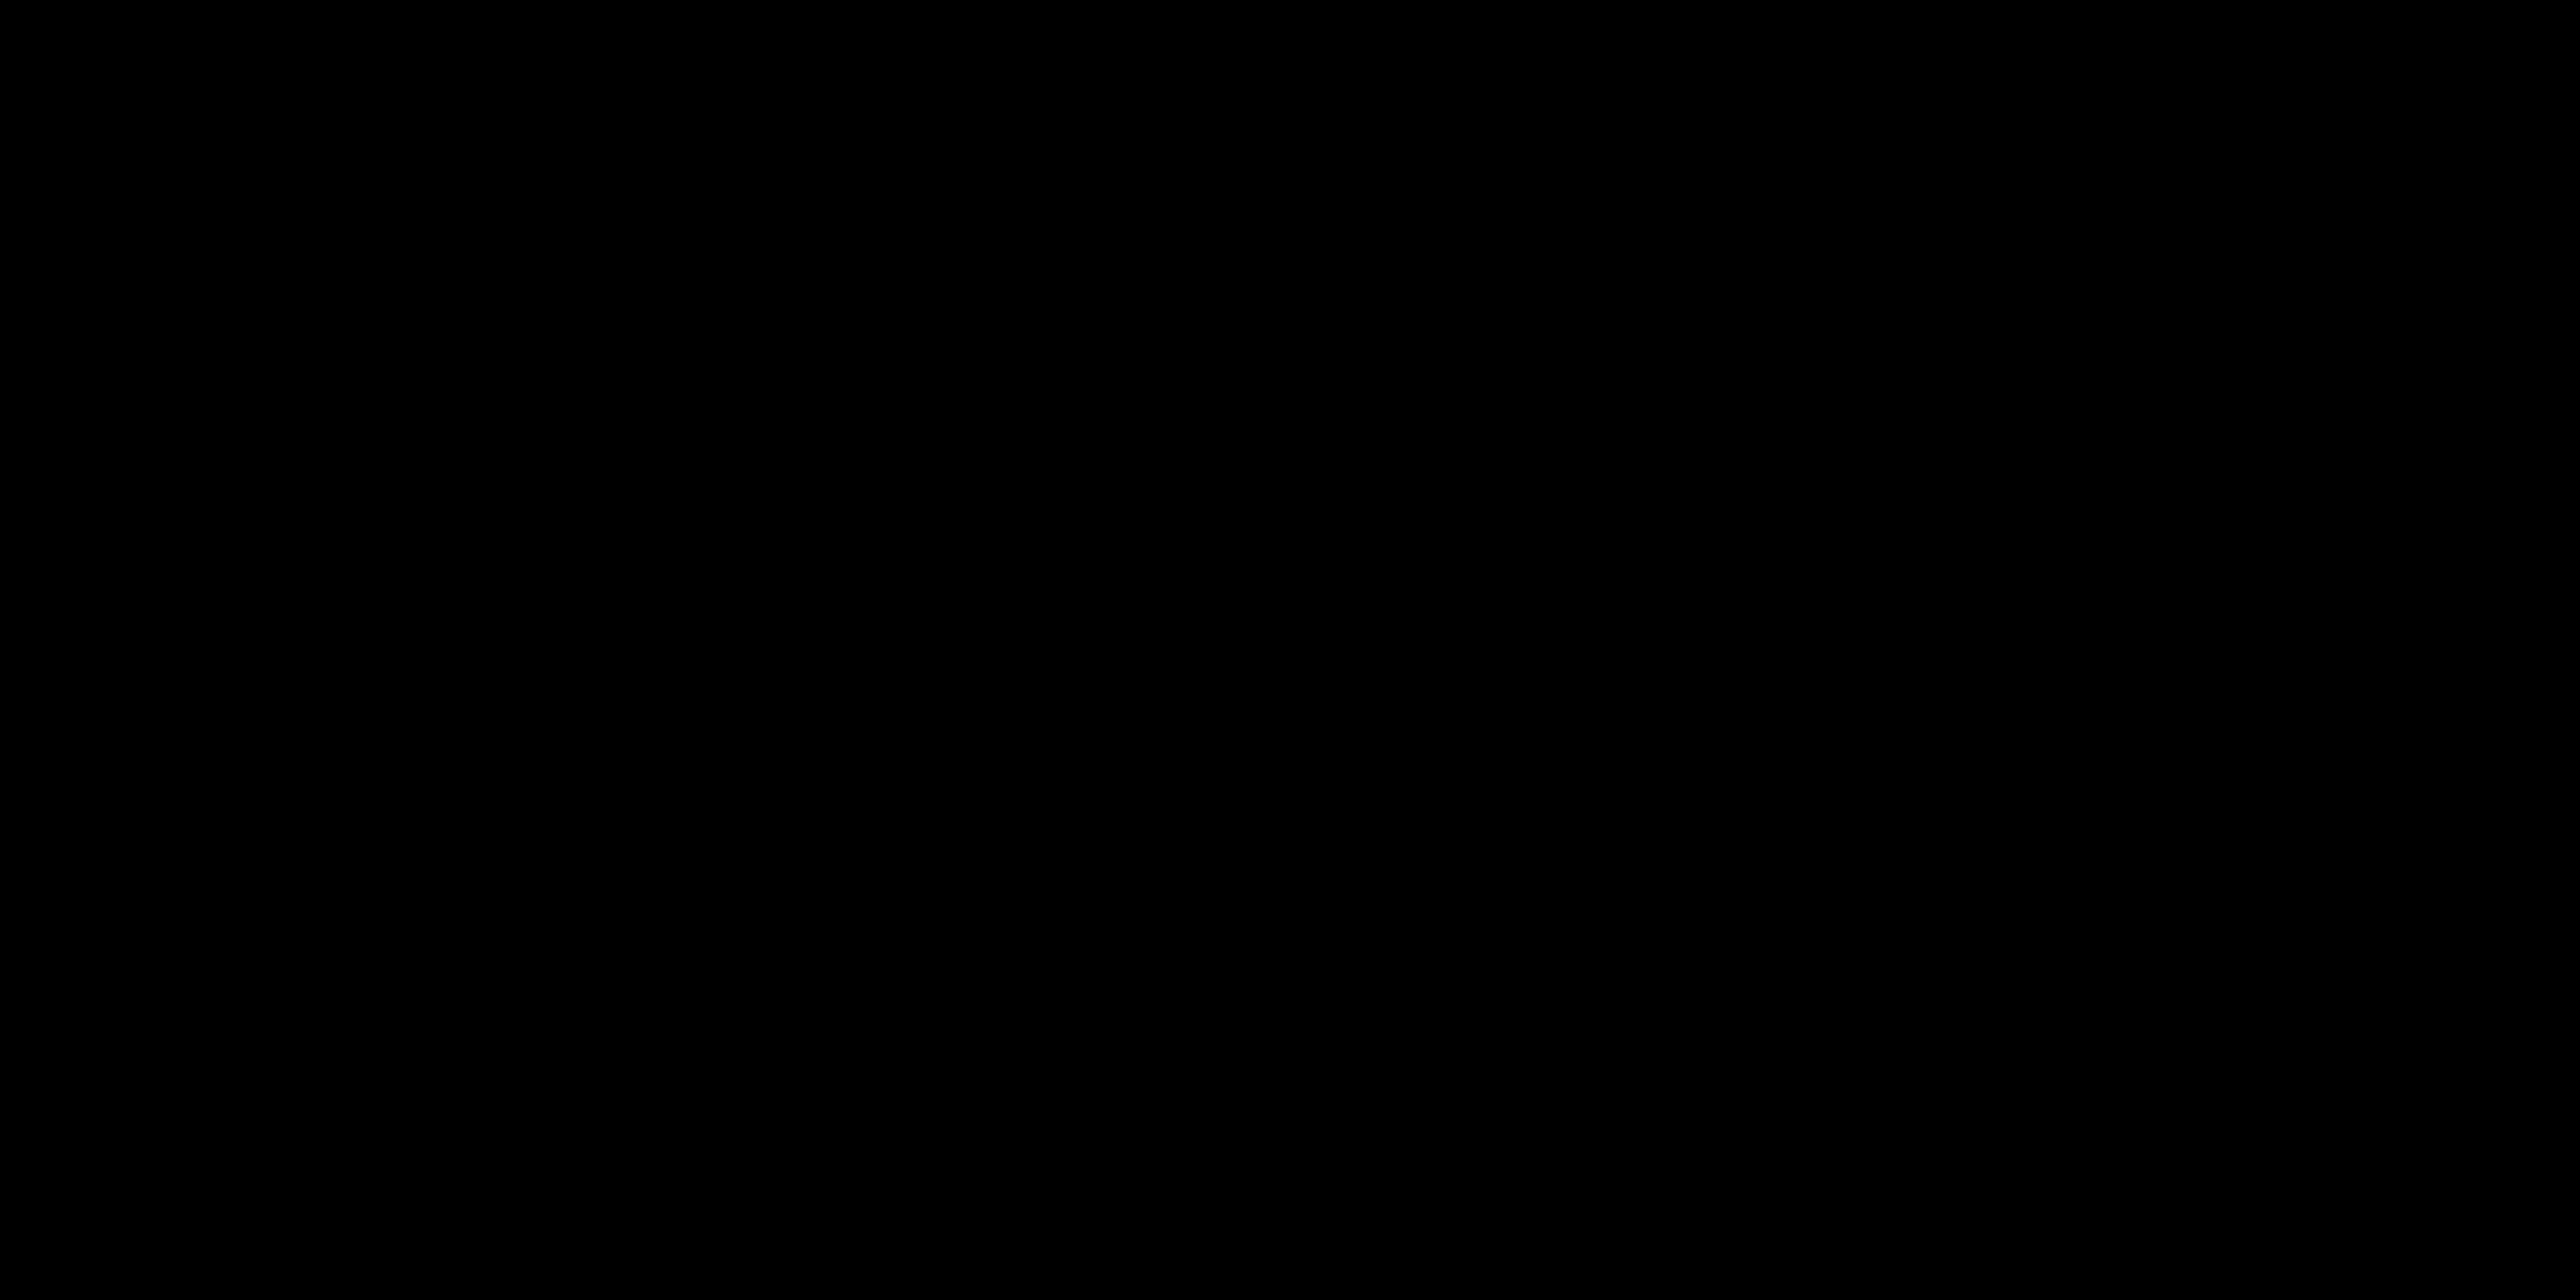 TRABAJANDO DE FORMA COLABORATIVA OCHO CENTROS DE FP e IDarte (Escuela Superior Diseño) RELACIONADOS CON LA CONSTRUCCIÓN SOSTENIBLE Y EFICIENTE